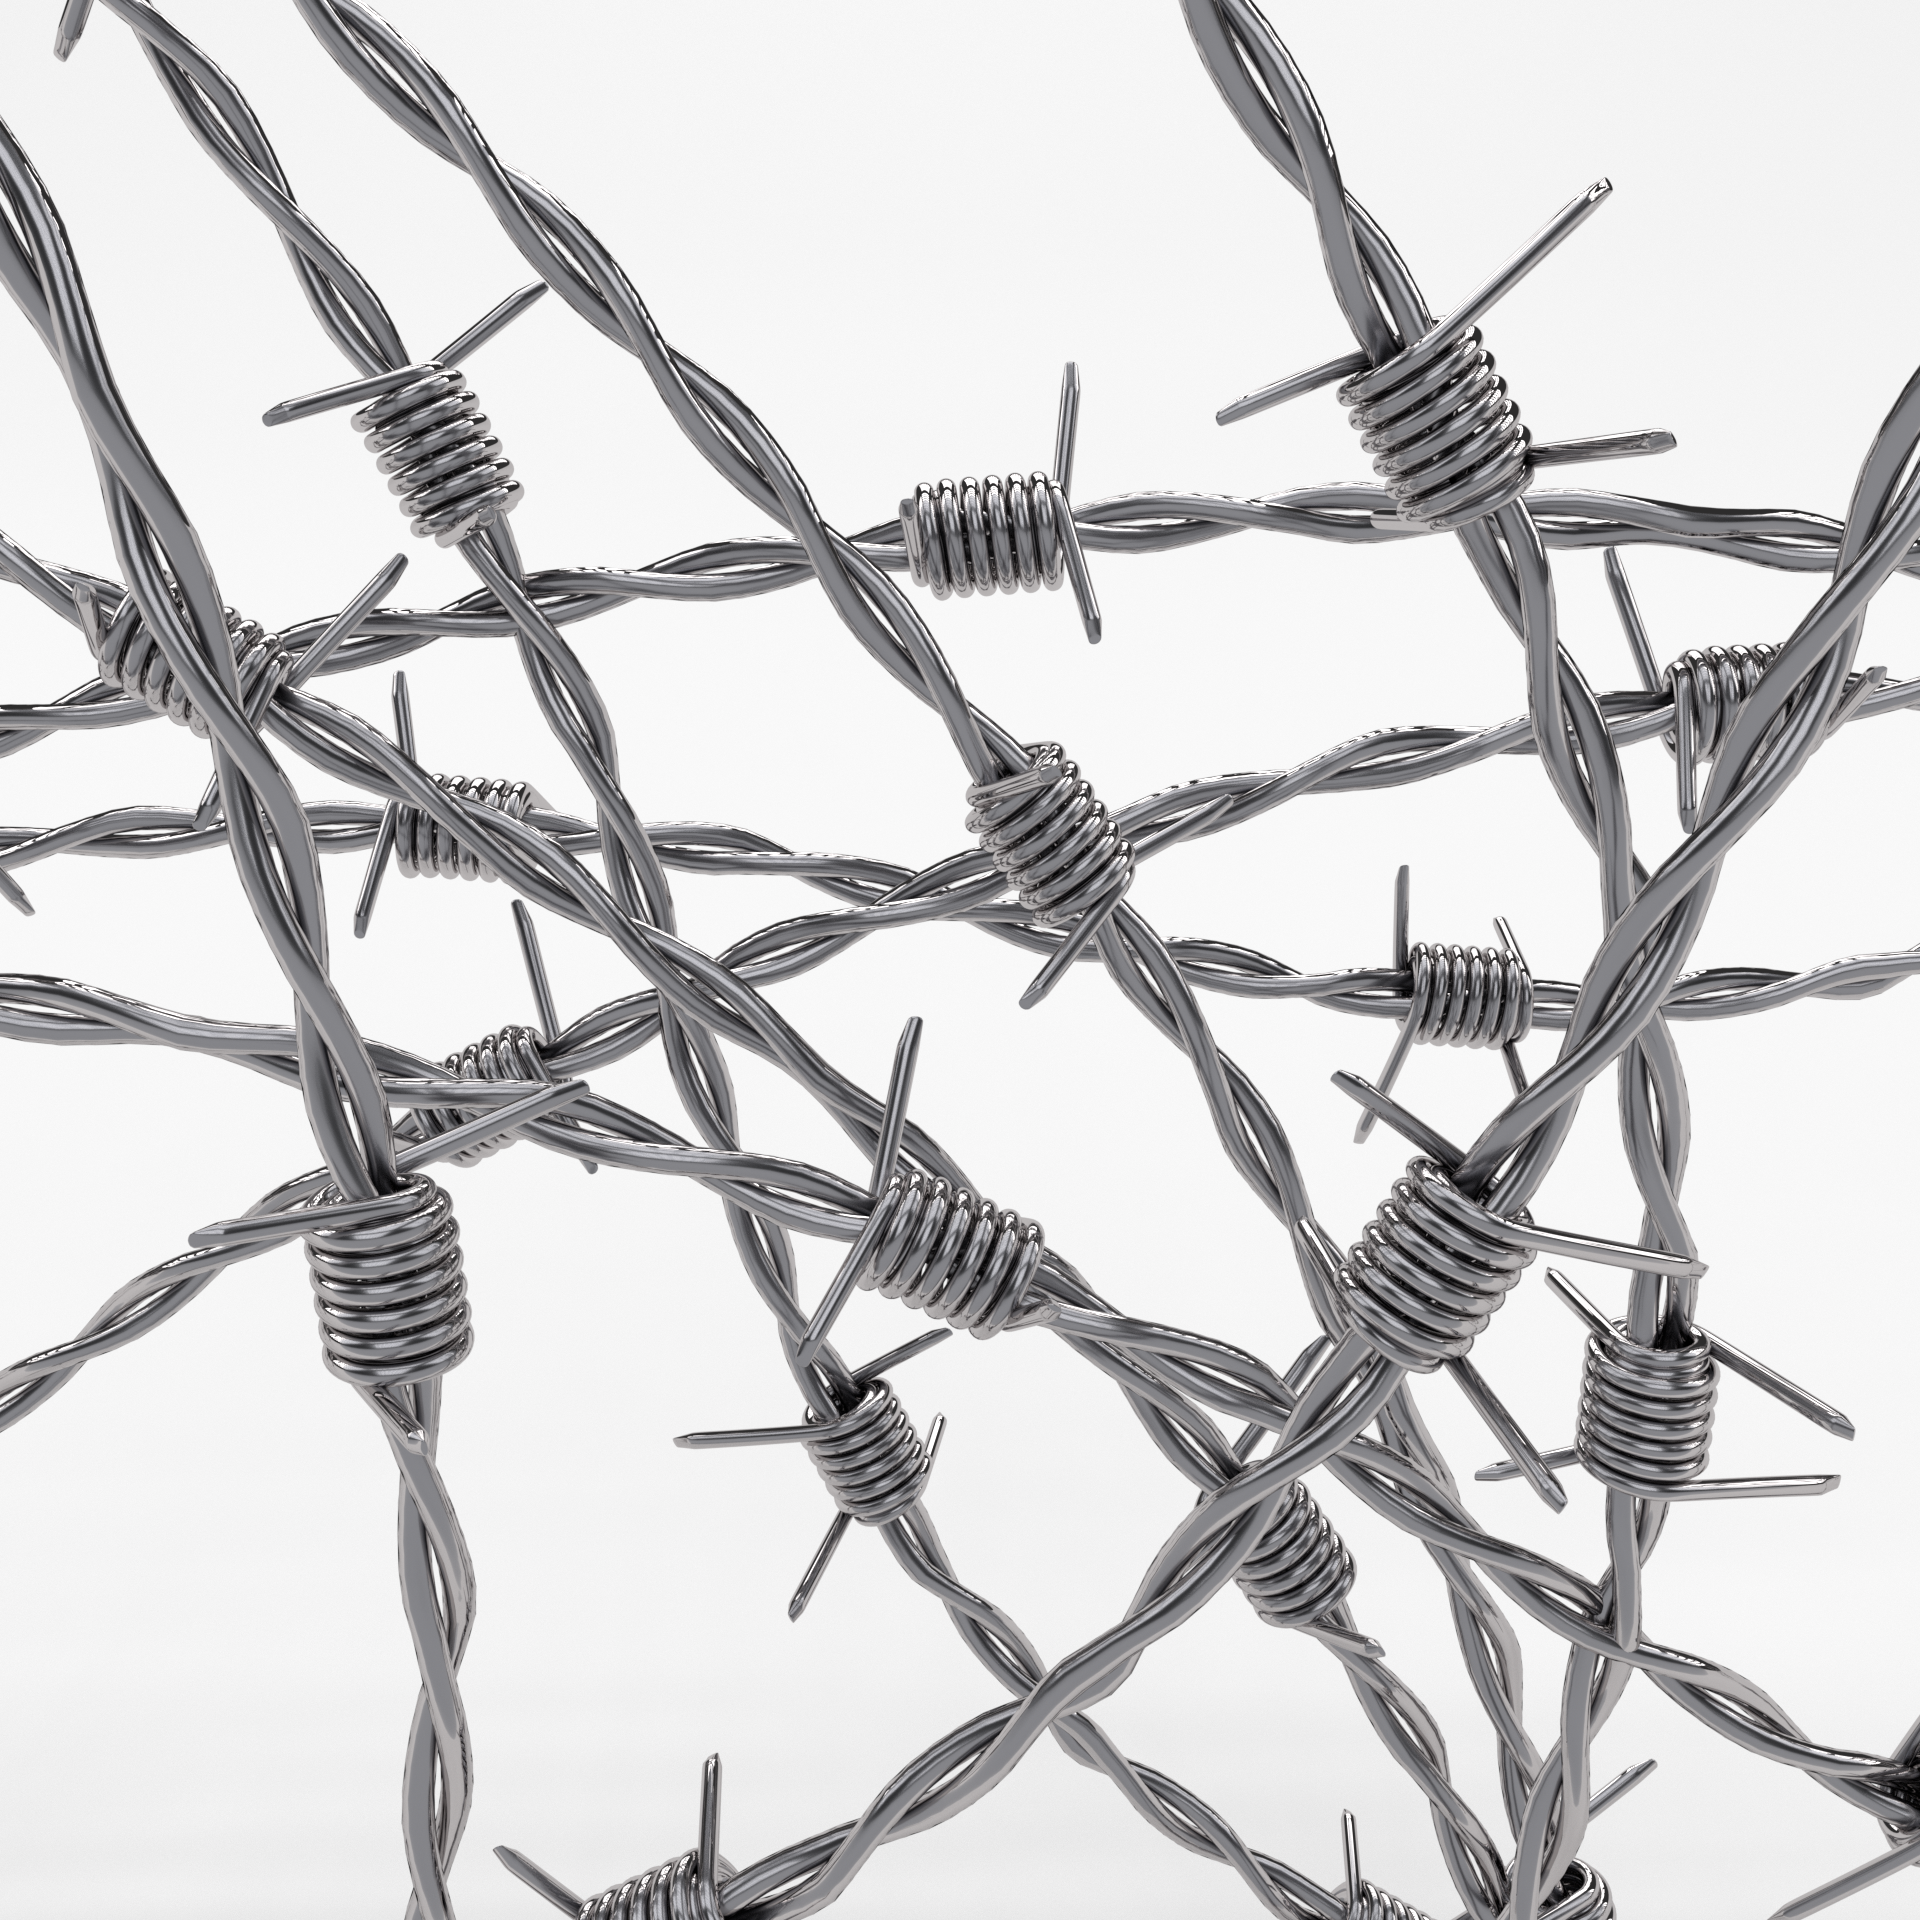 Großartig Tribal Barbed Wire Drawings Zeitgenössisch - Elektrische ...